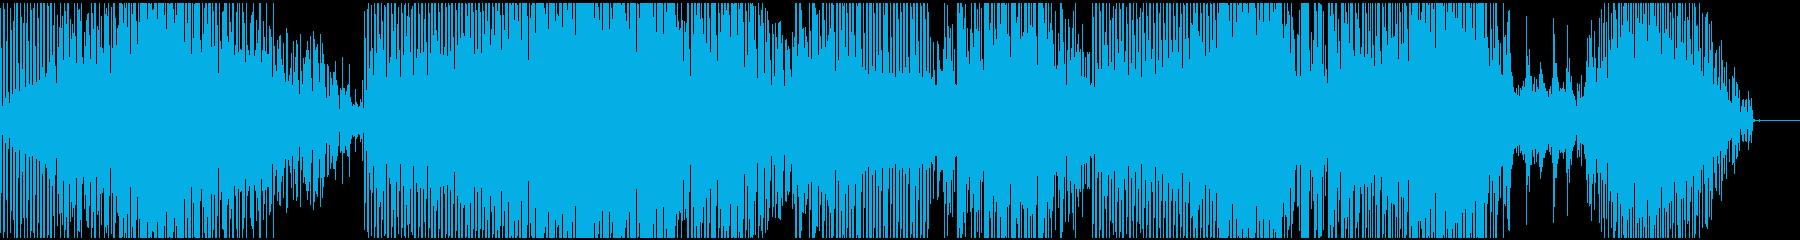 幻想的なミニマル(ピアノ)の再生済みの波形